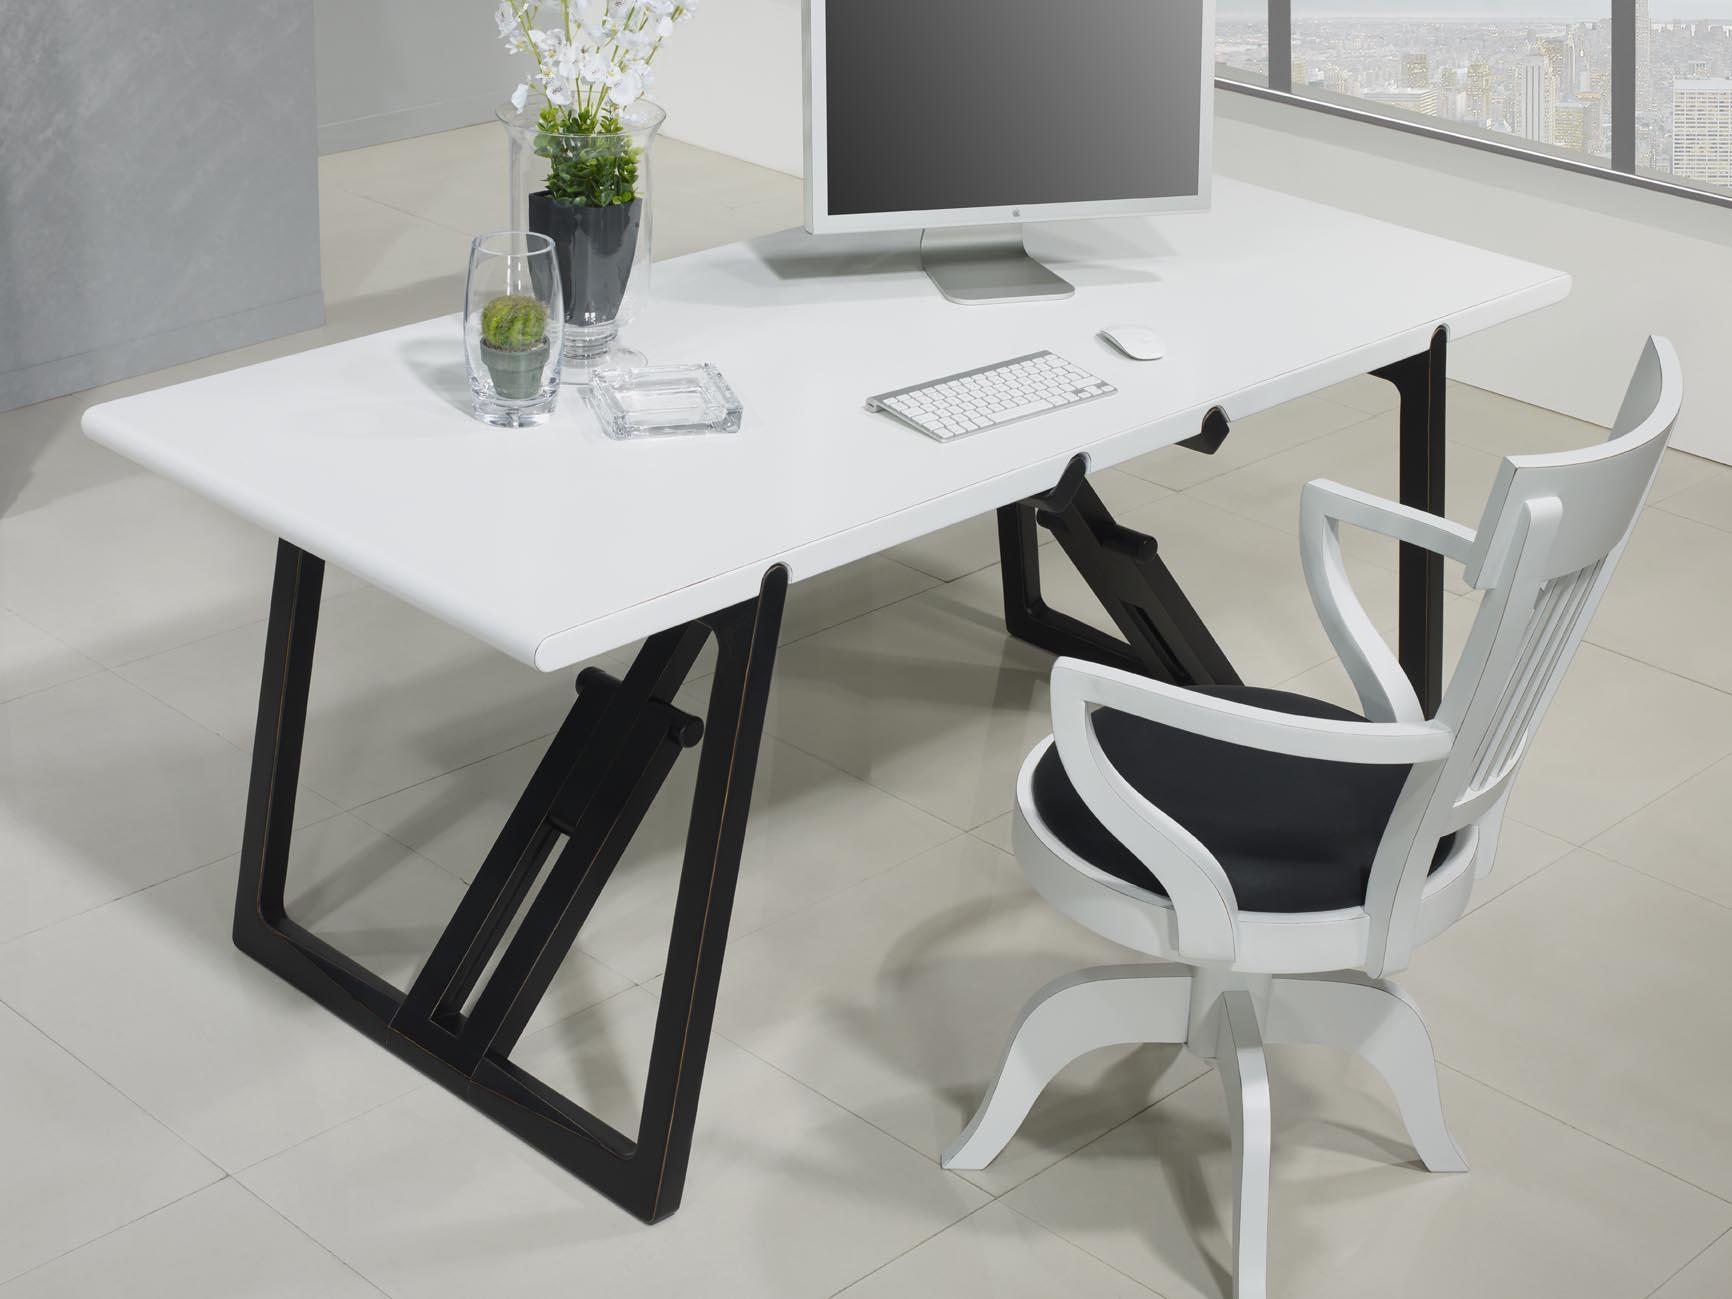 Blanc plateau trempe chene noir pour angle bois but italien bureau